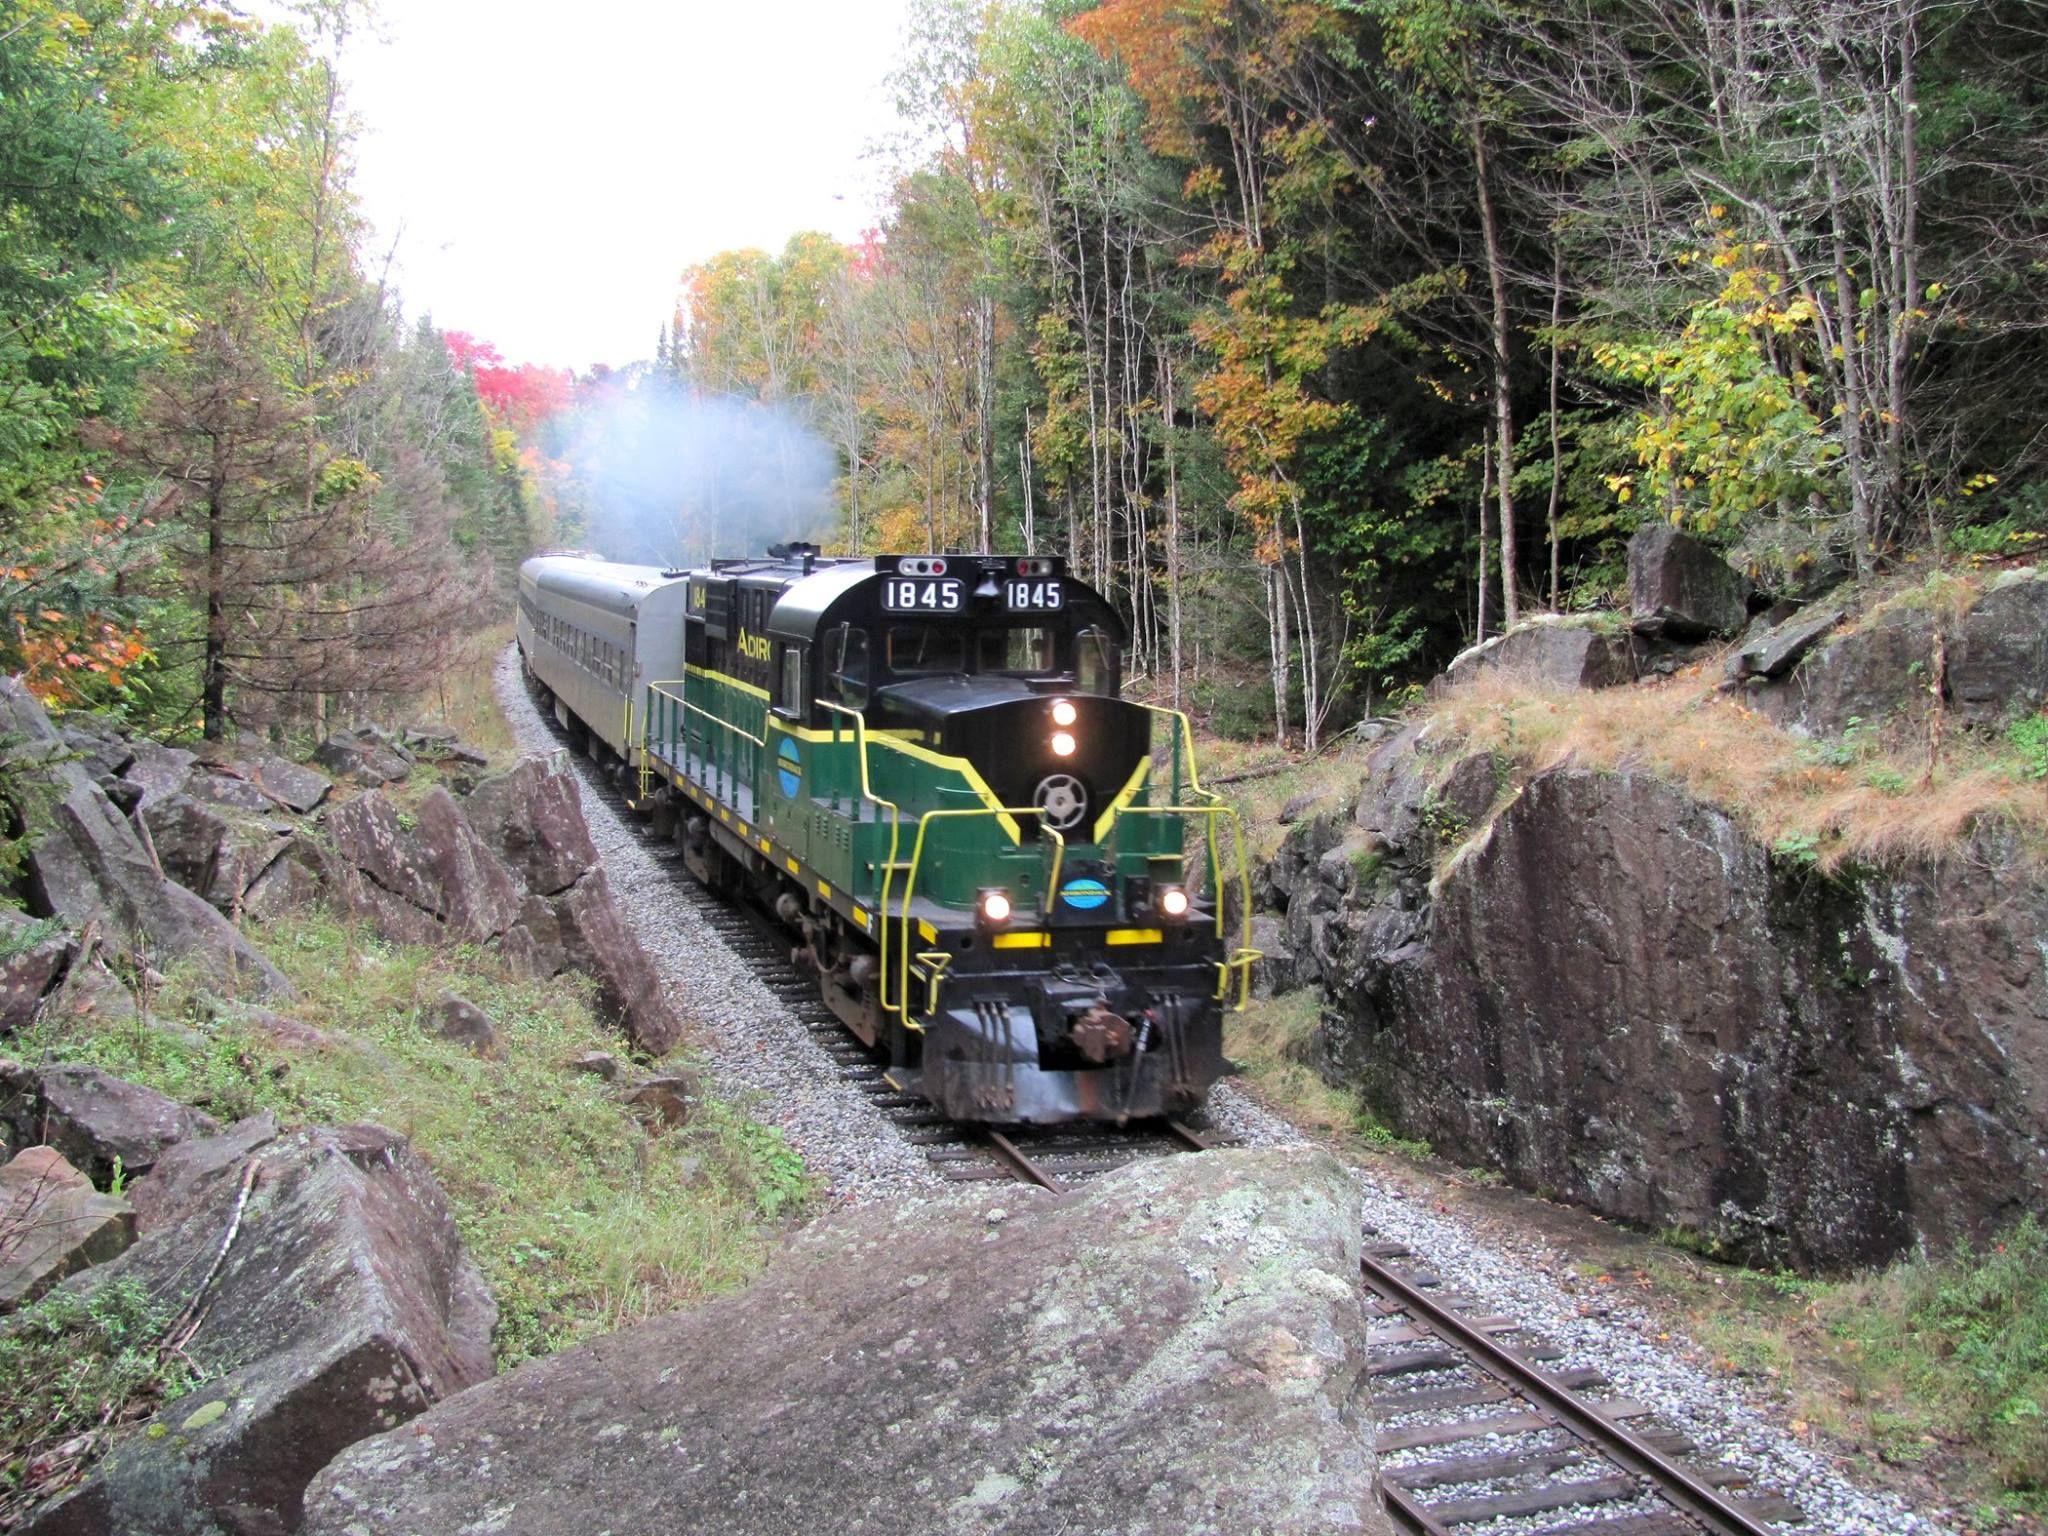 A fall train ride on the Adirondack Scenic Railroad